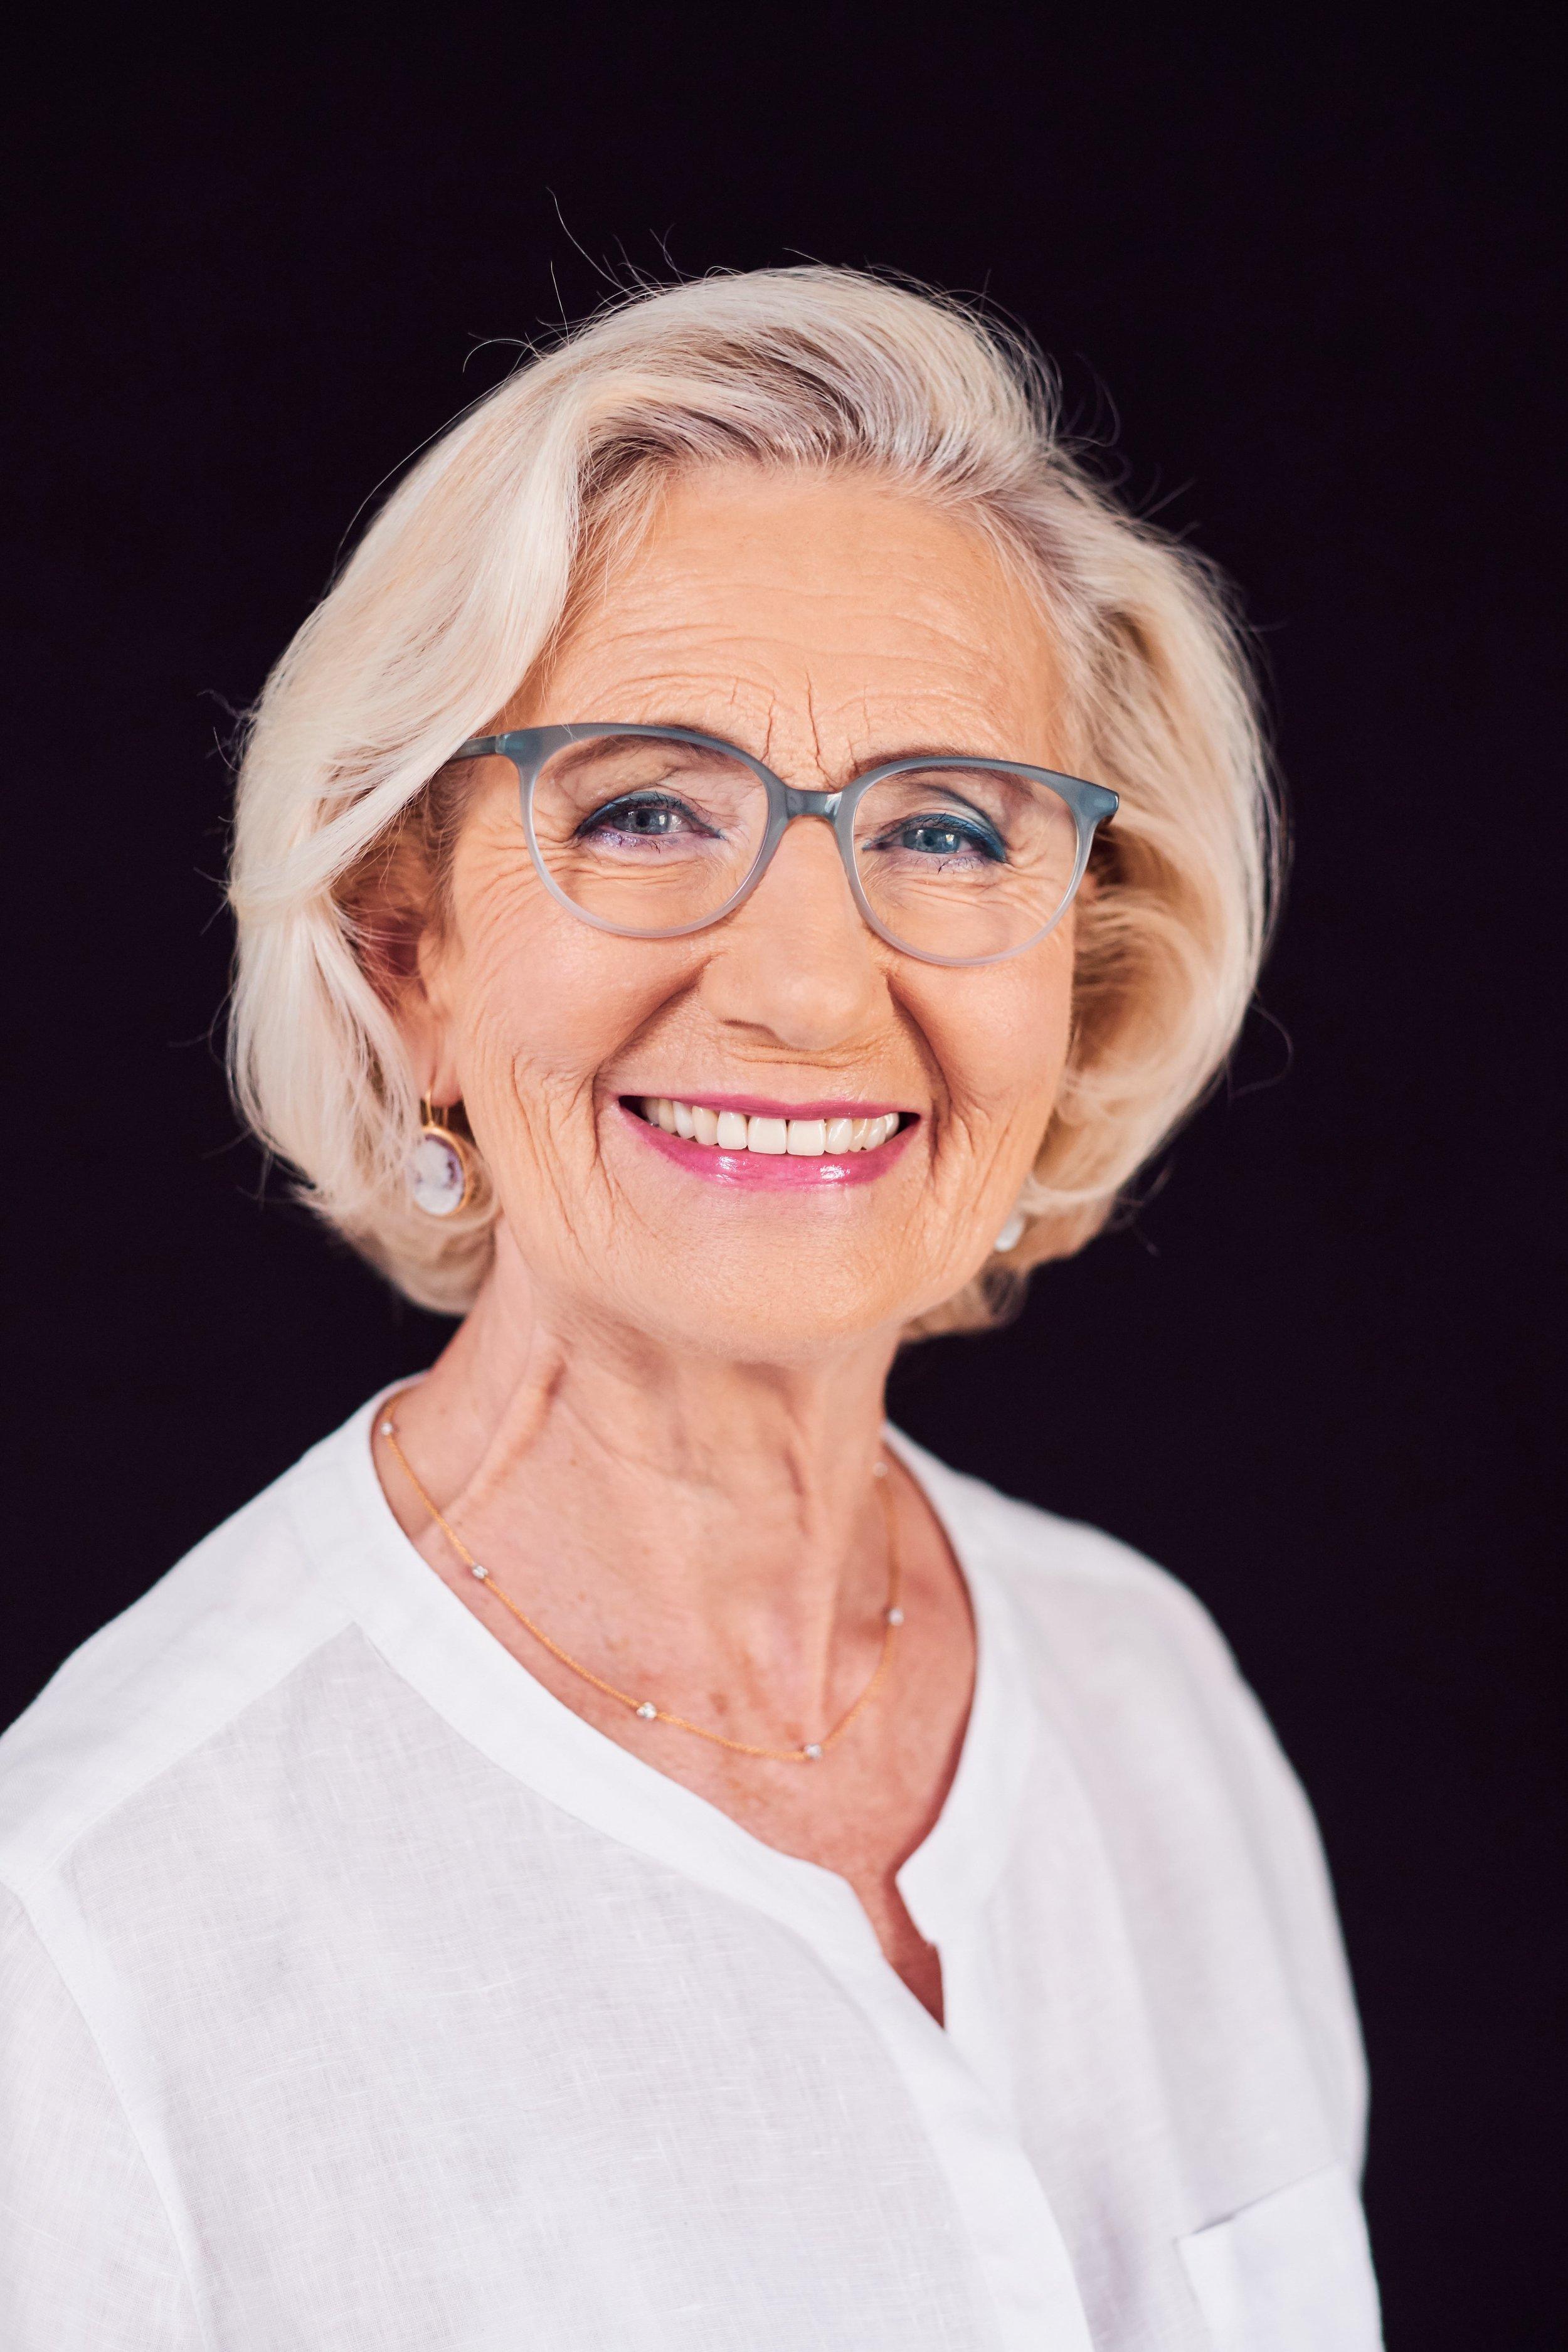 Gloria Eichhorn - Inhaberin, Geschäftsführerin, Augenoptikerin